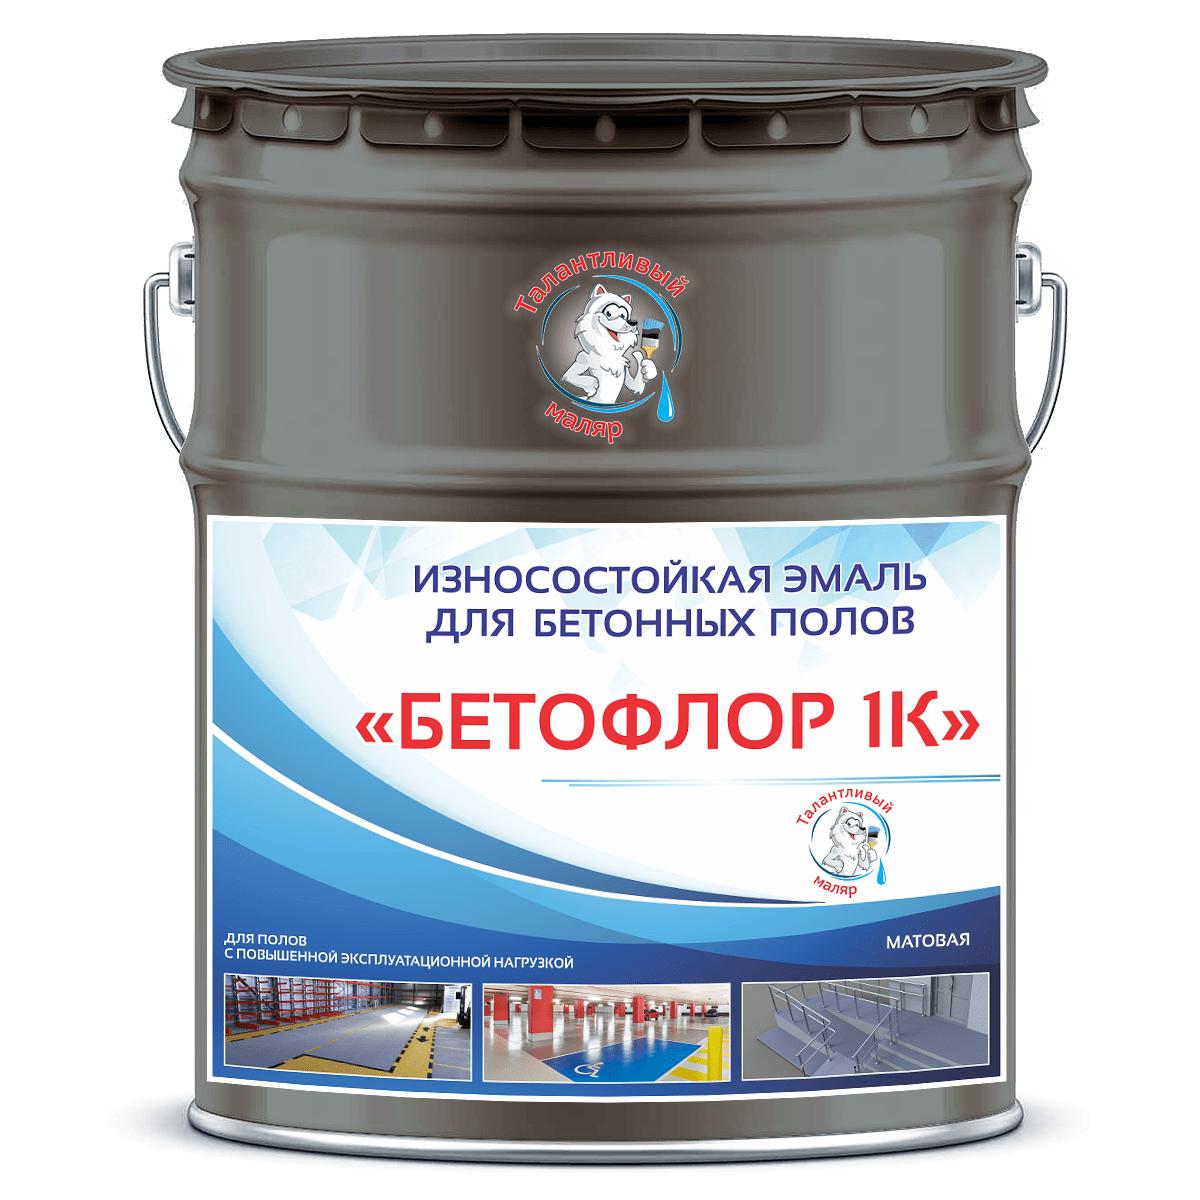 """Фото 18 - BF7023 Эмаль для бетонных полов """"Бетофлор"""" 1К цвет RAL 7023 Серый бетон, матовая износостойкая, 25 кг """"Талантливый Маляр""""."""